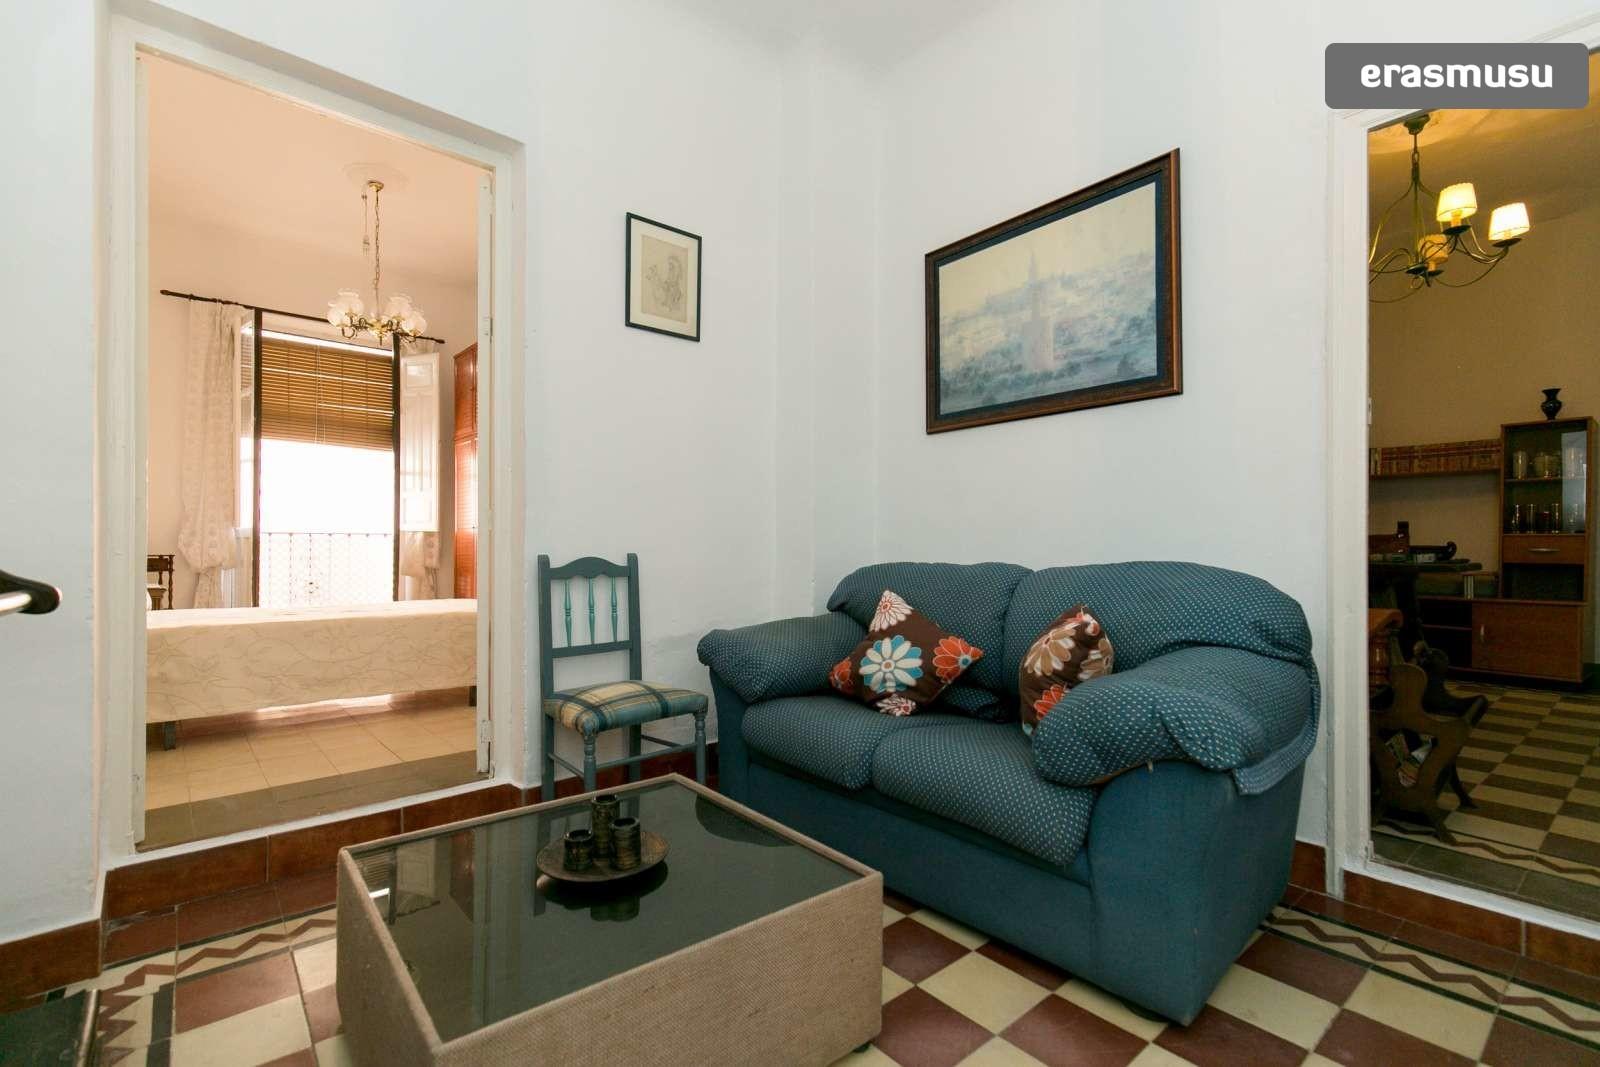 spacious-3-bedroom-apartment-rent-realejo-1da9858c79a4cf52d3deee